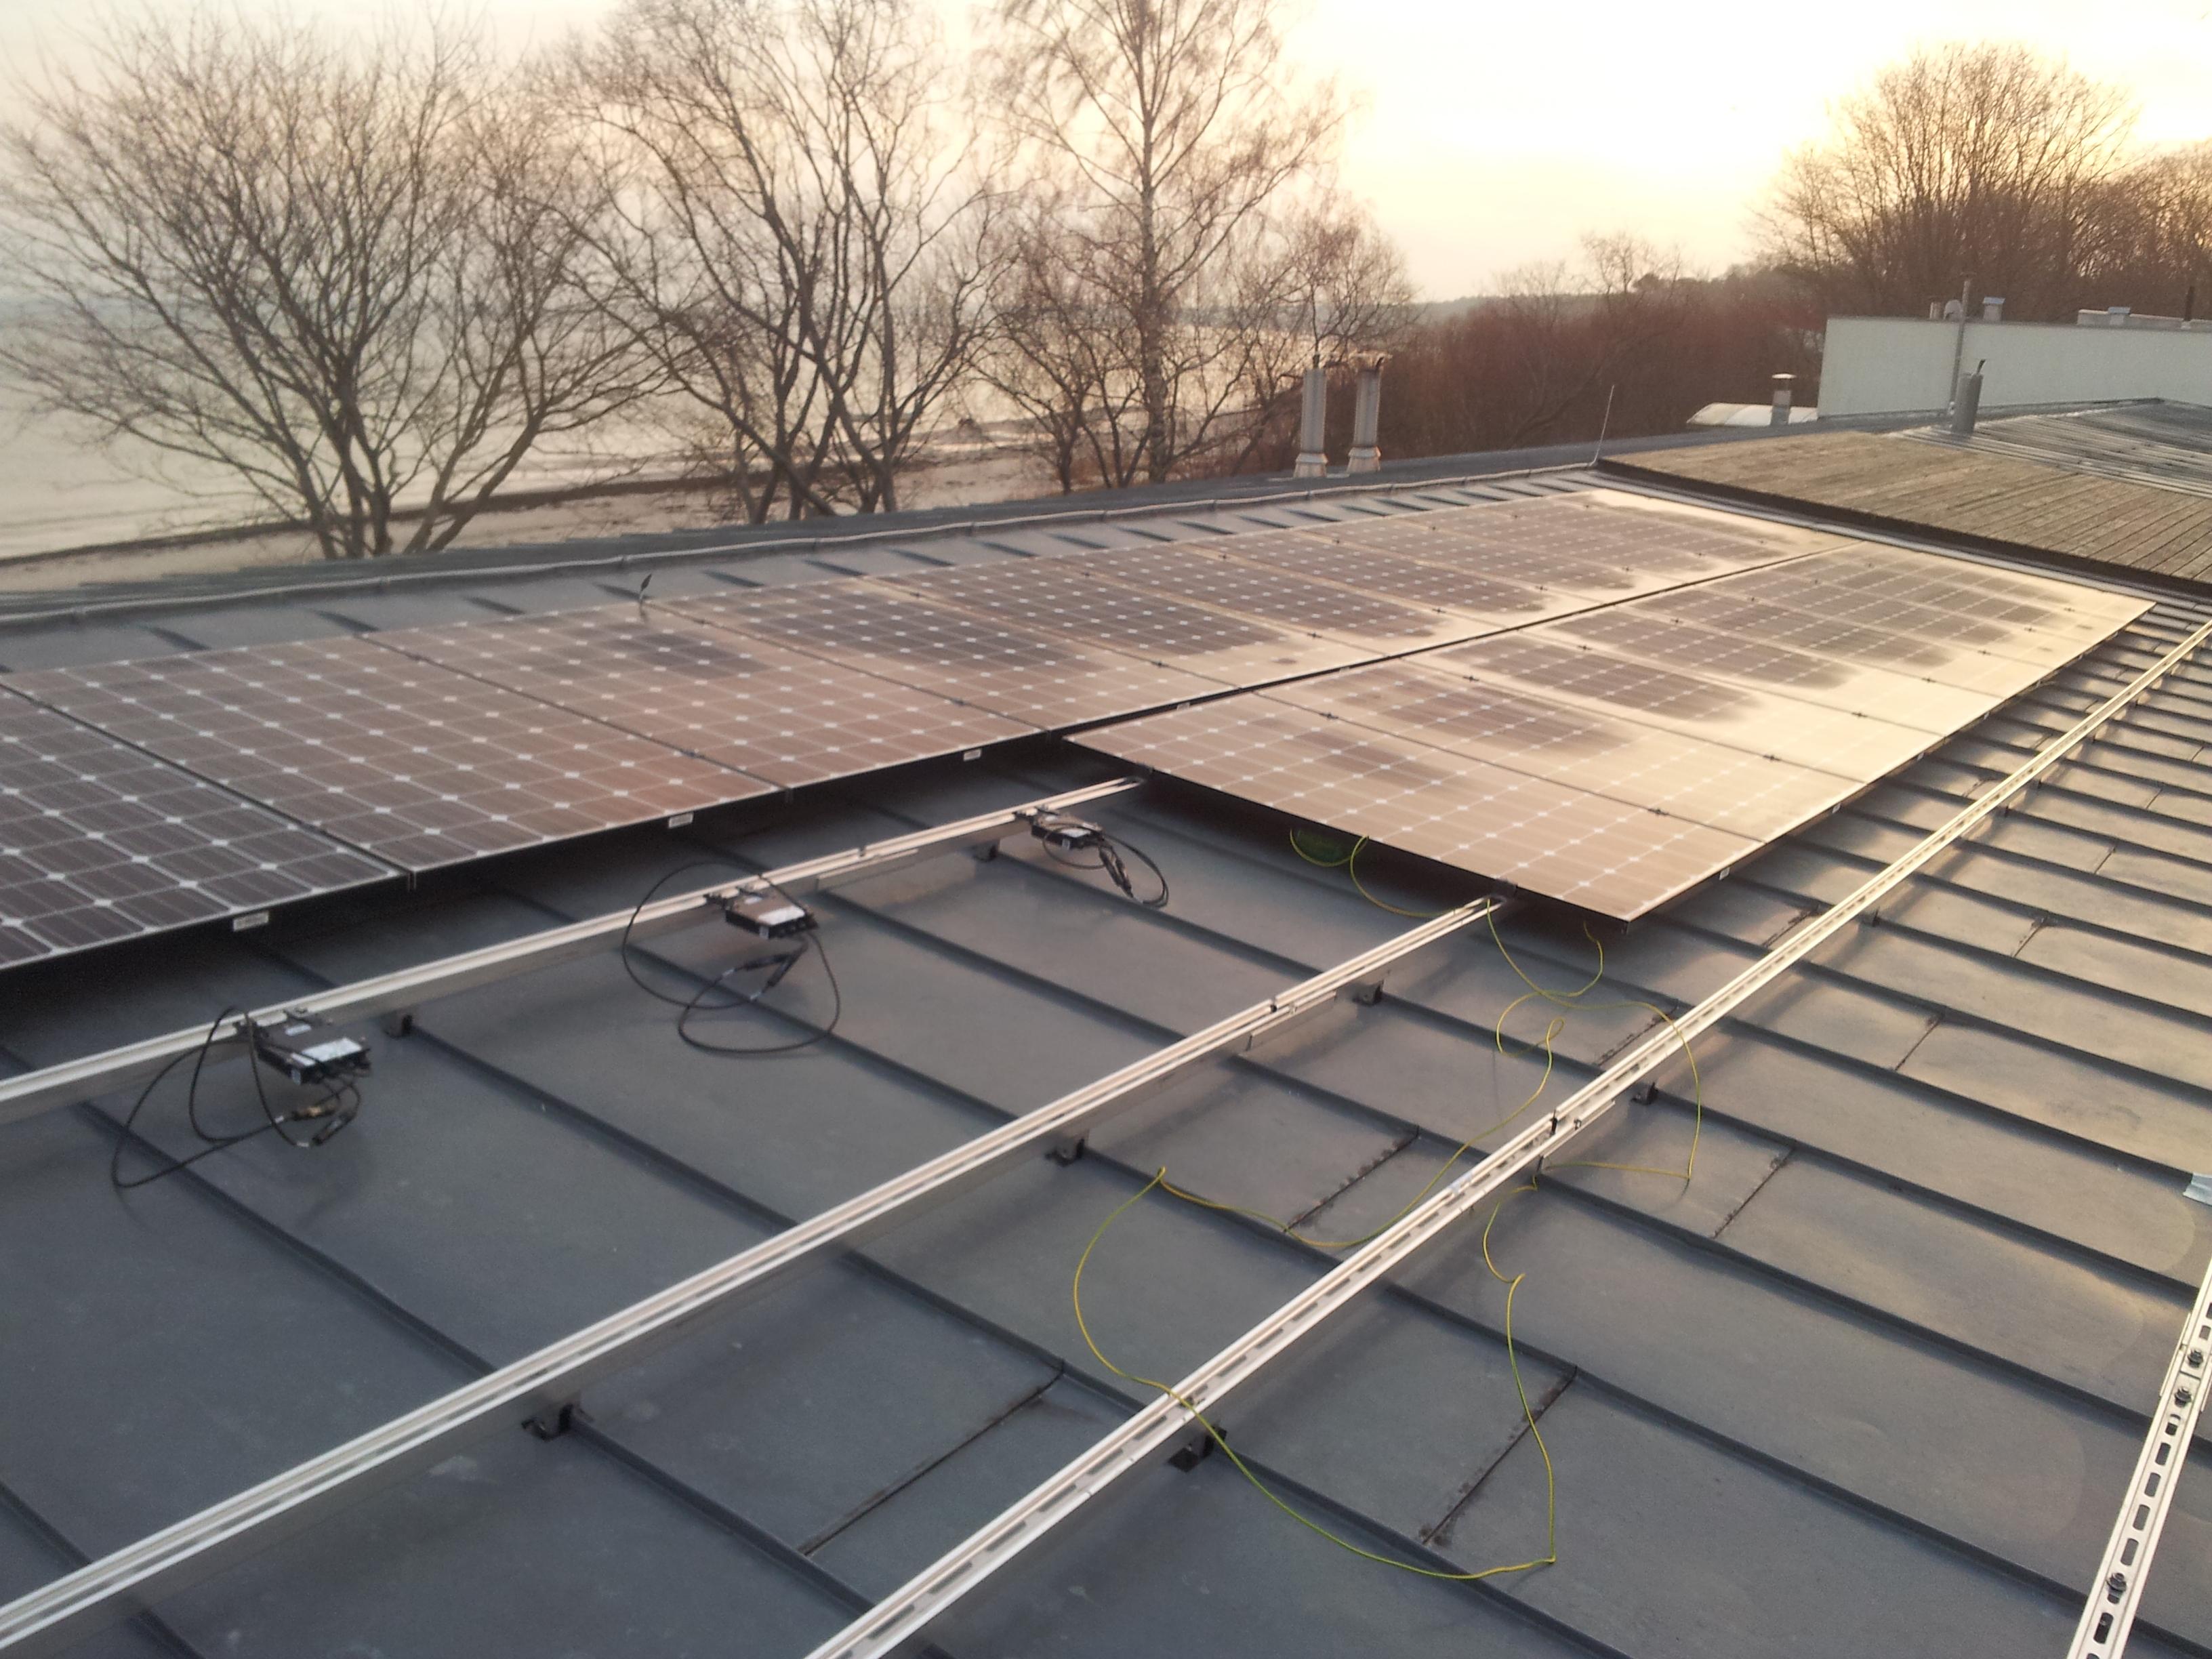 Privātmāja Jūrmalā, saules paneļu jauda 11 kW